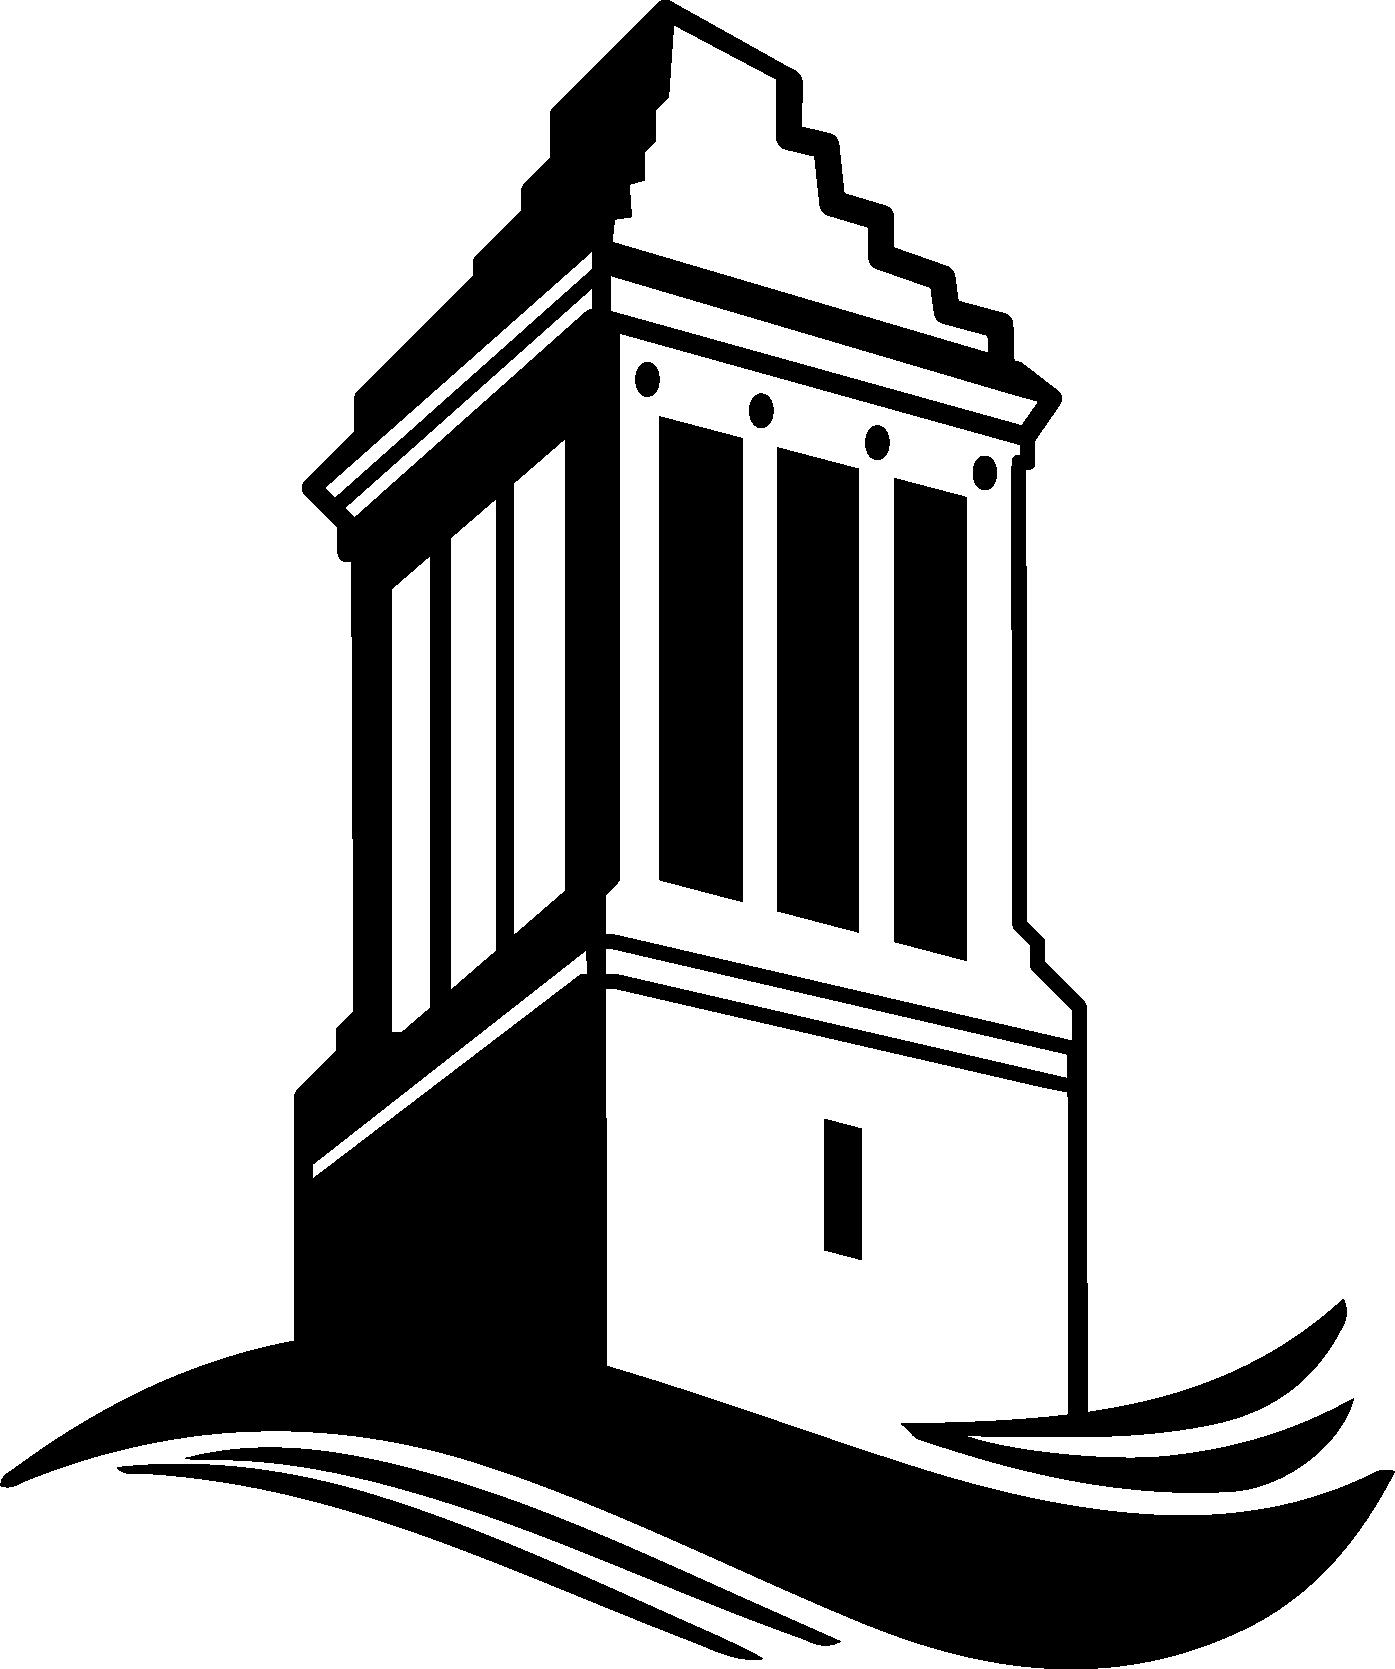 Rising Tide Campaign Mark - Icon - Black